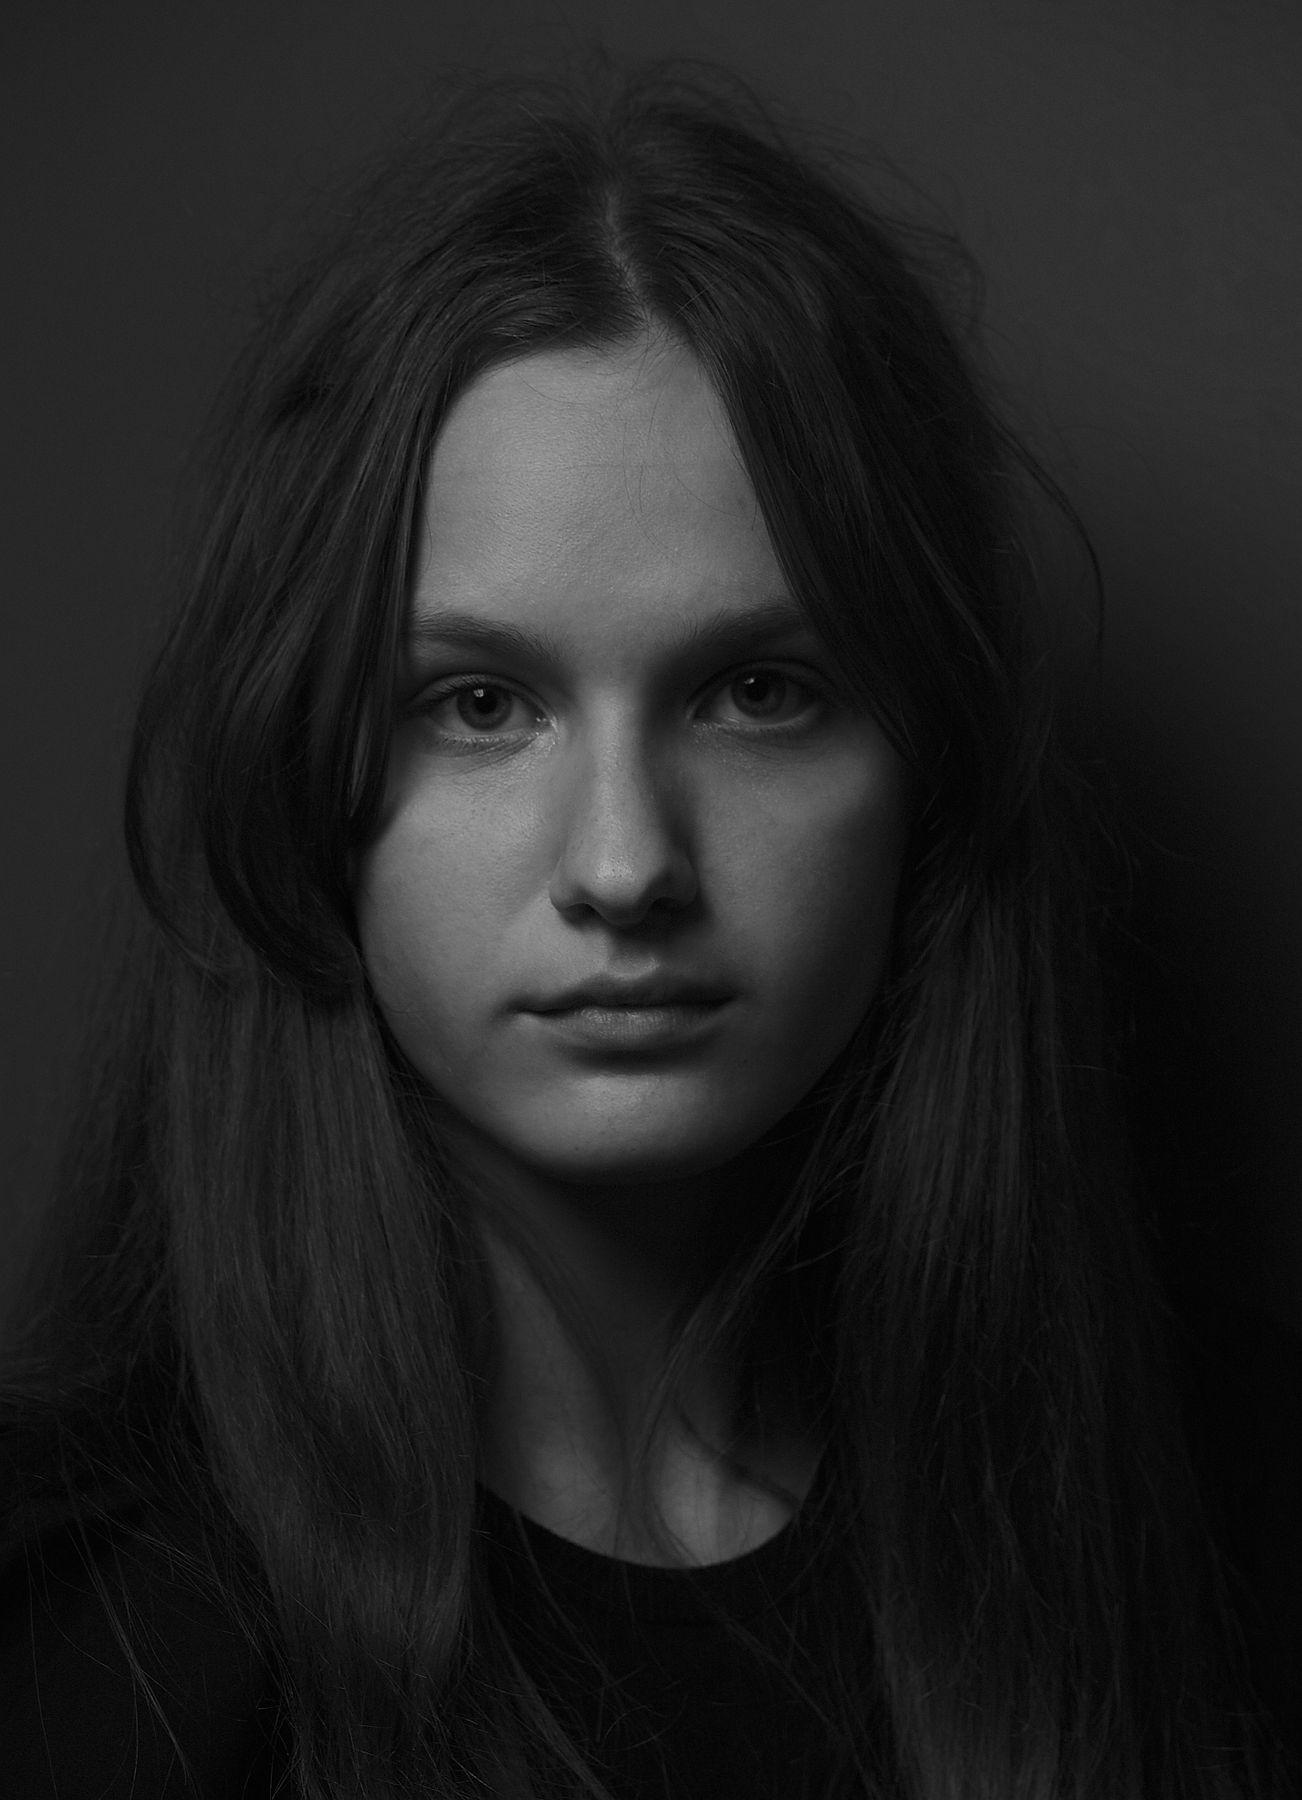 11.09.21. Портре ( В кафе ). девушка портрет в кафе фотография чёрно белая люди